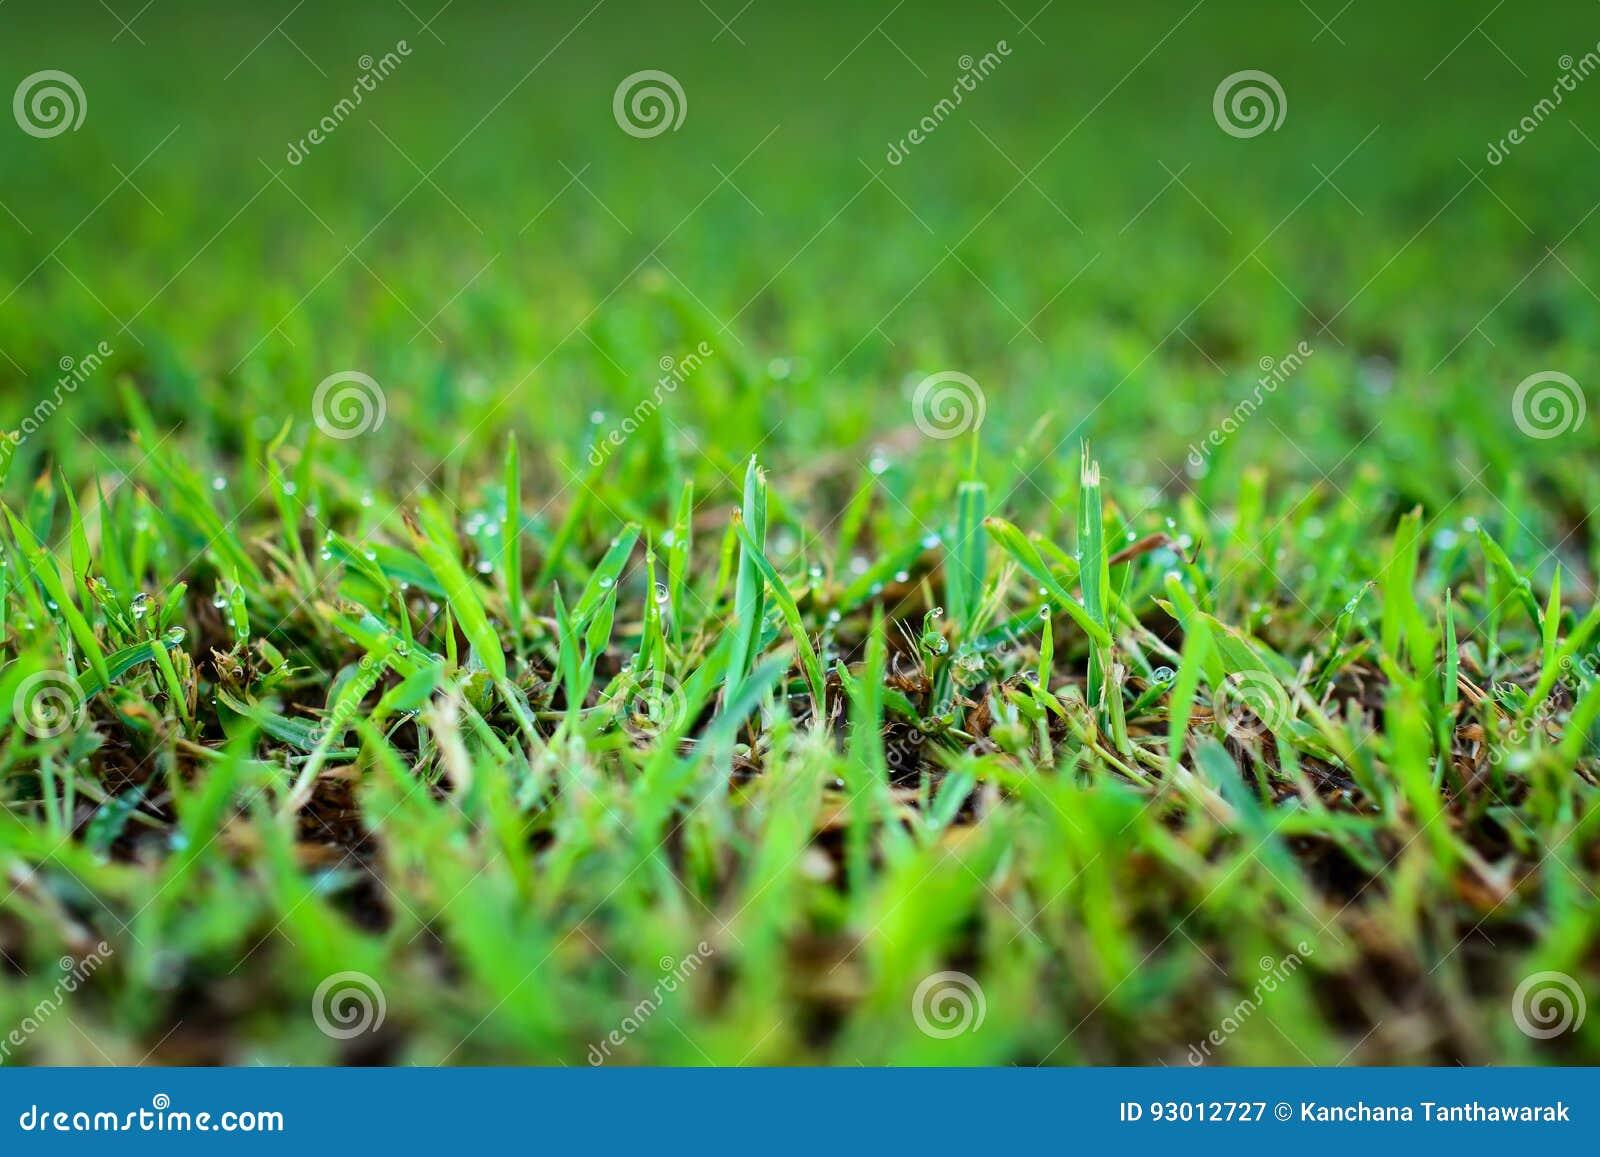 Grama verde abstrata de fundos naturais